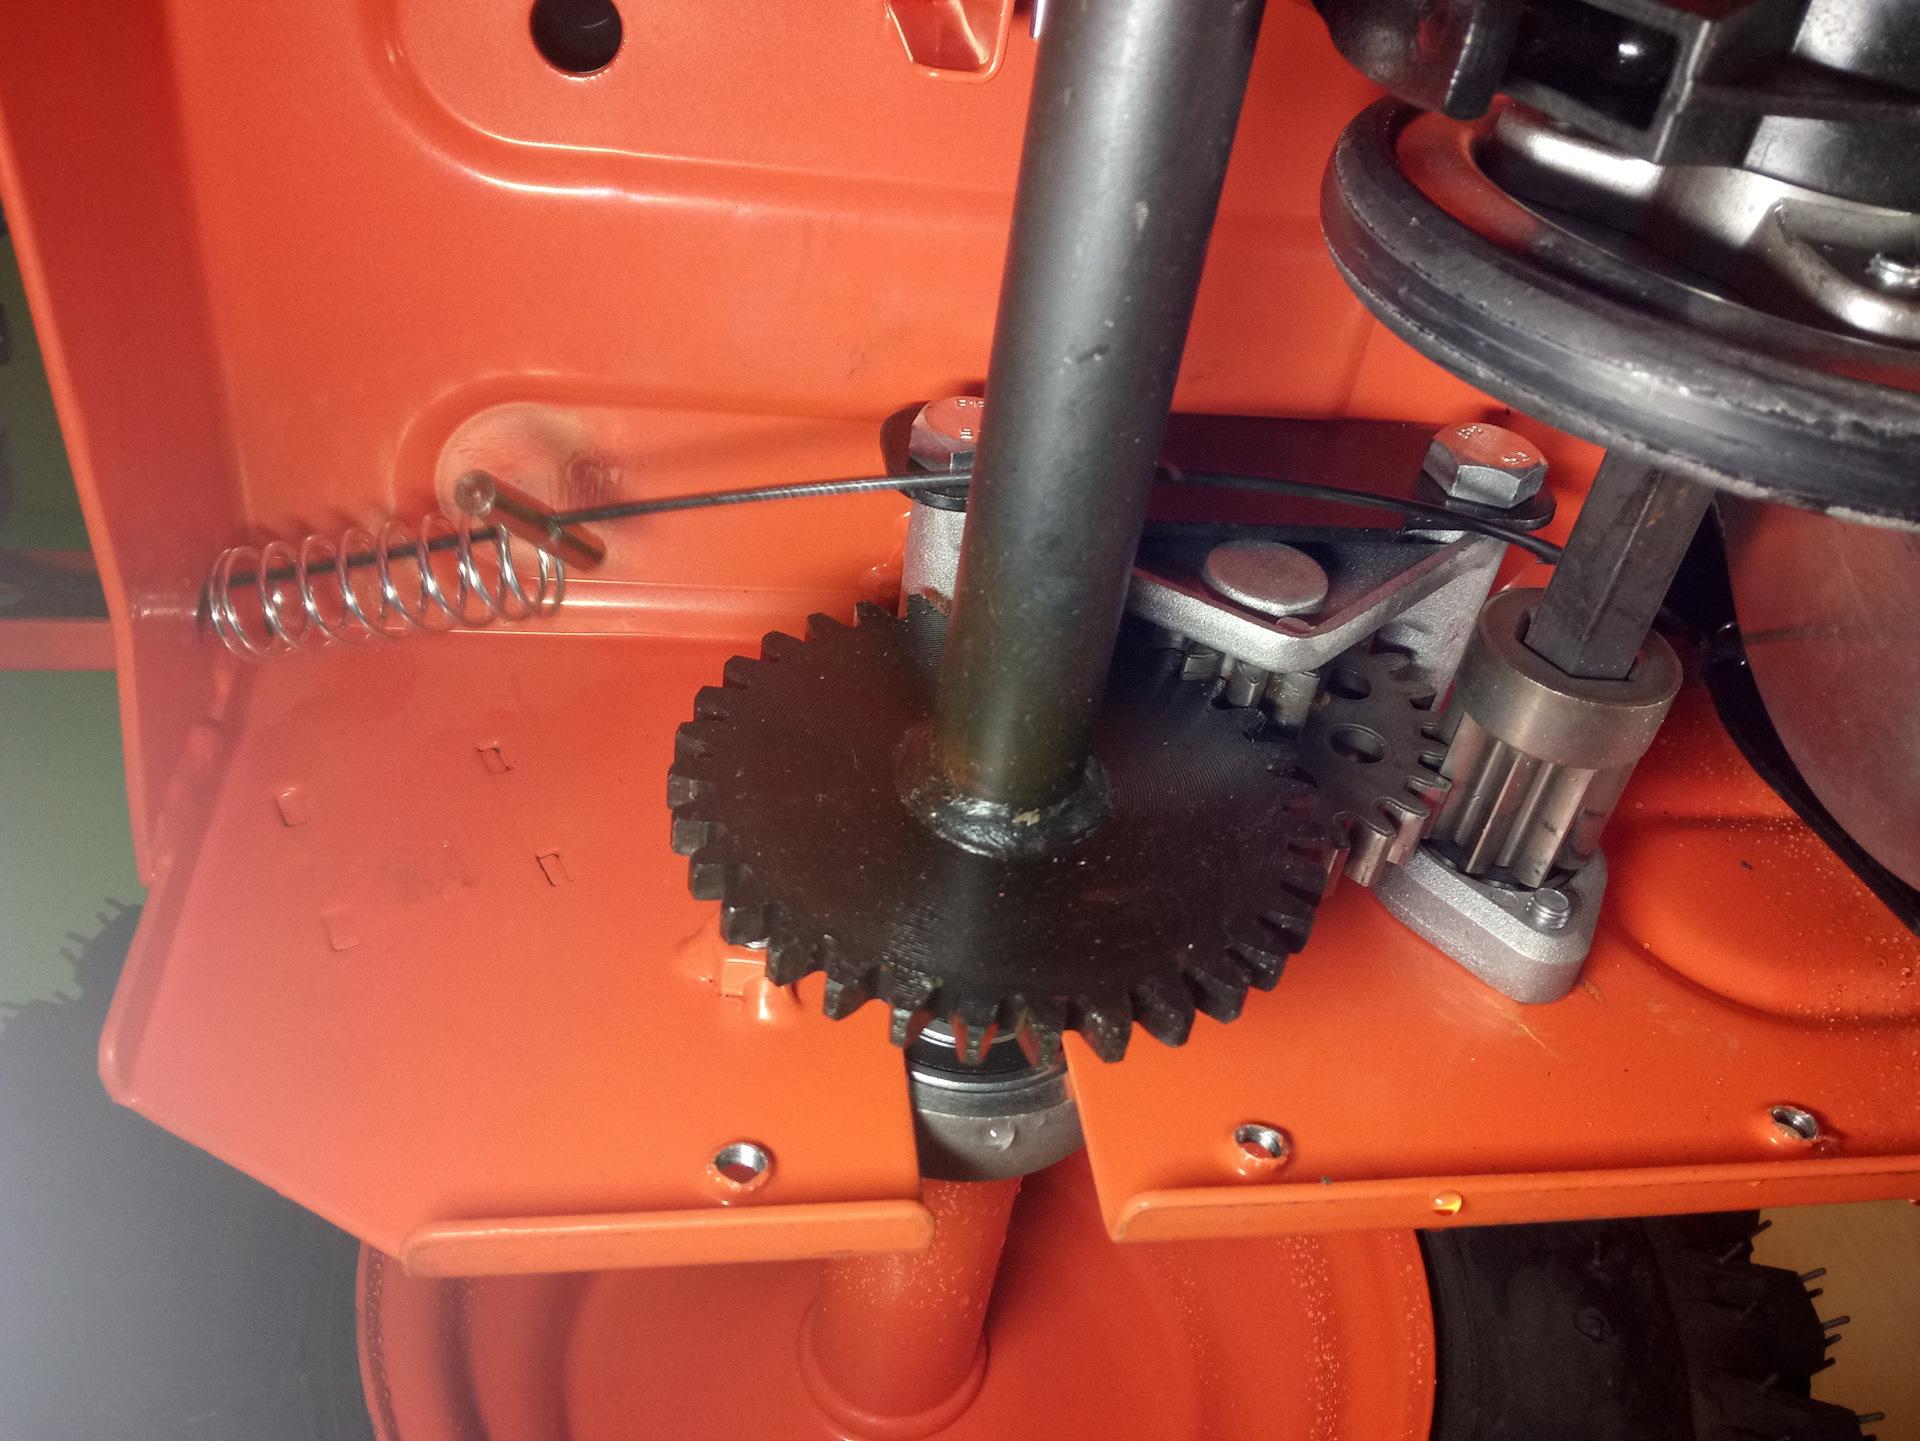 Фрикционное кольцо снегоуборщика: неисправности, ремонт, изготовление своими руками